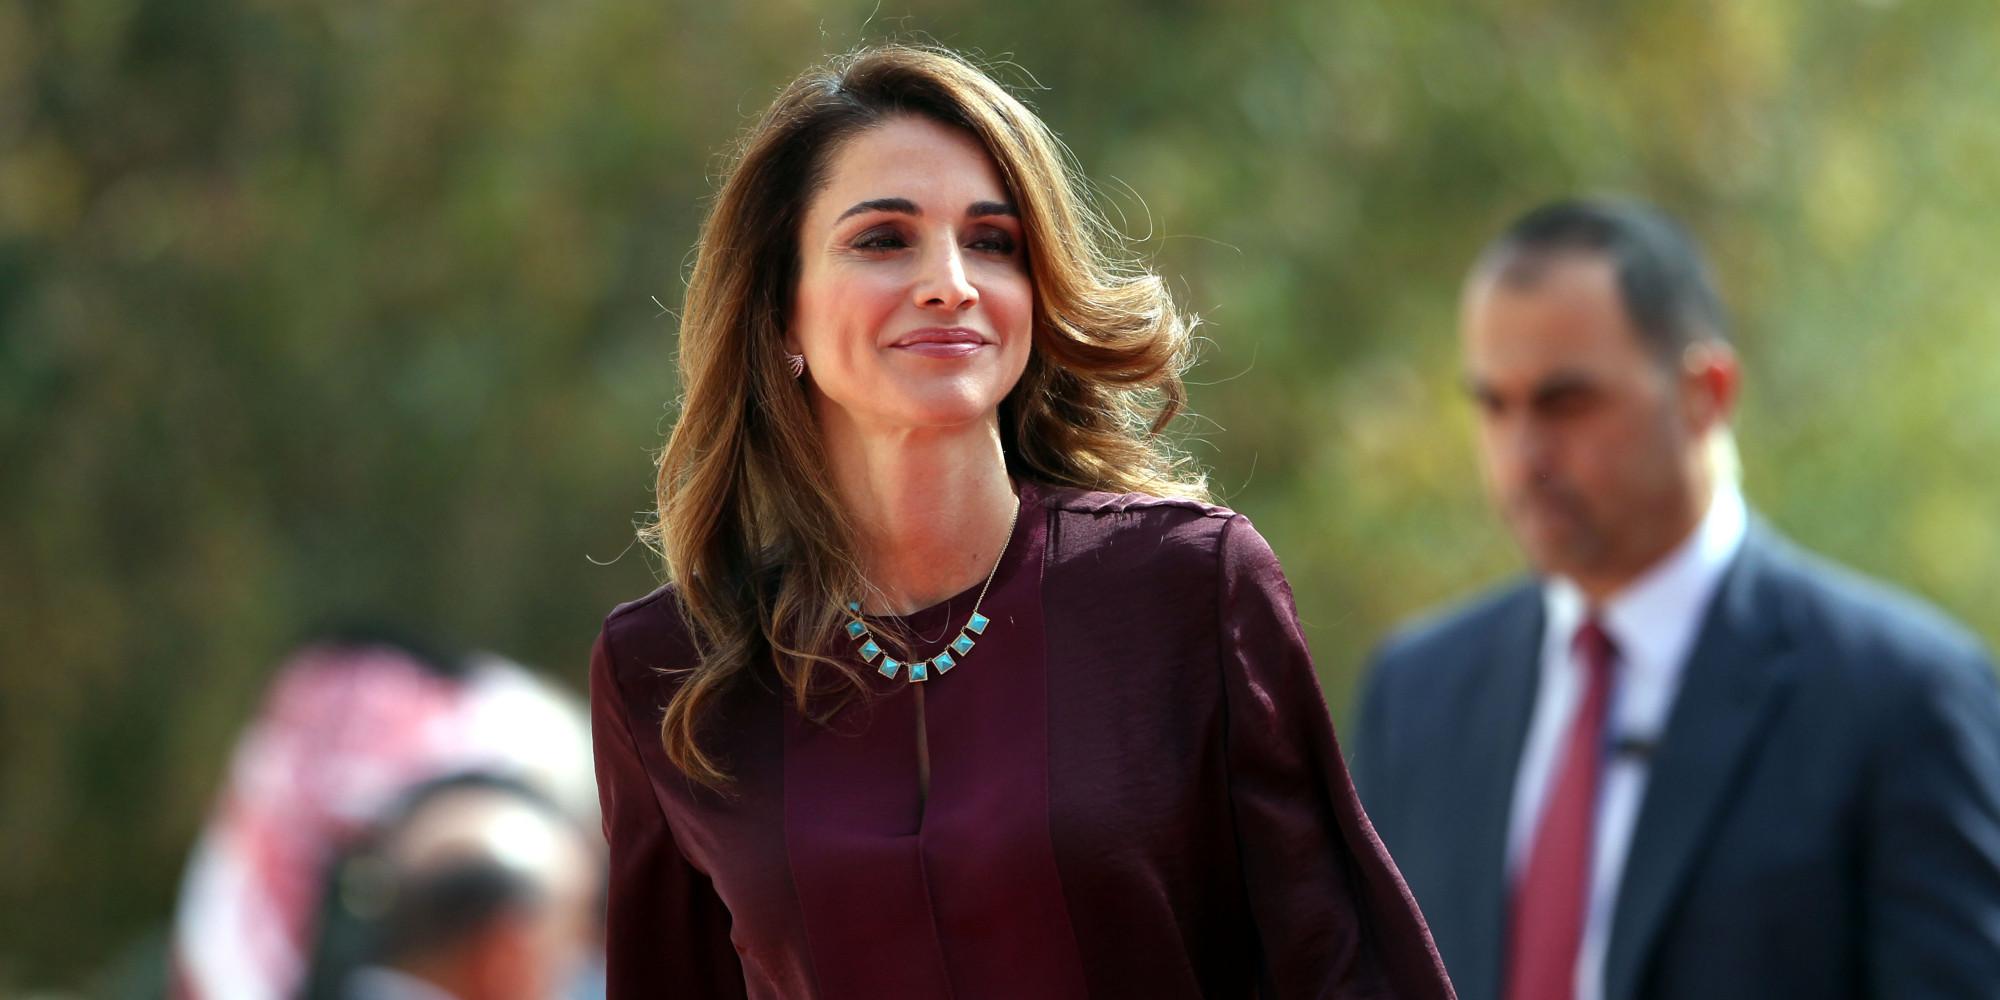 La Regina Rania La Cenerentola Che Ha Sfidato L Isis Articolo Rubrica